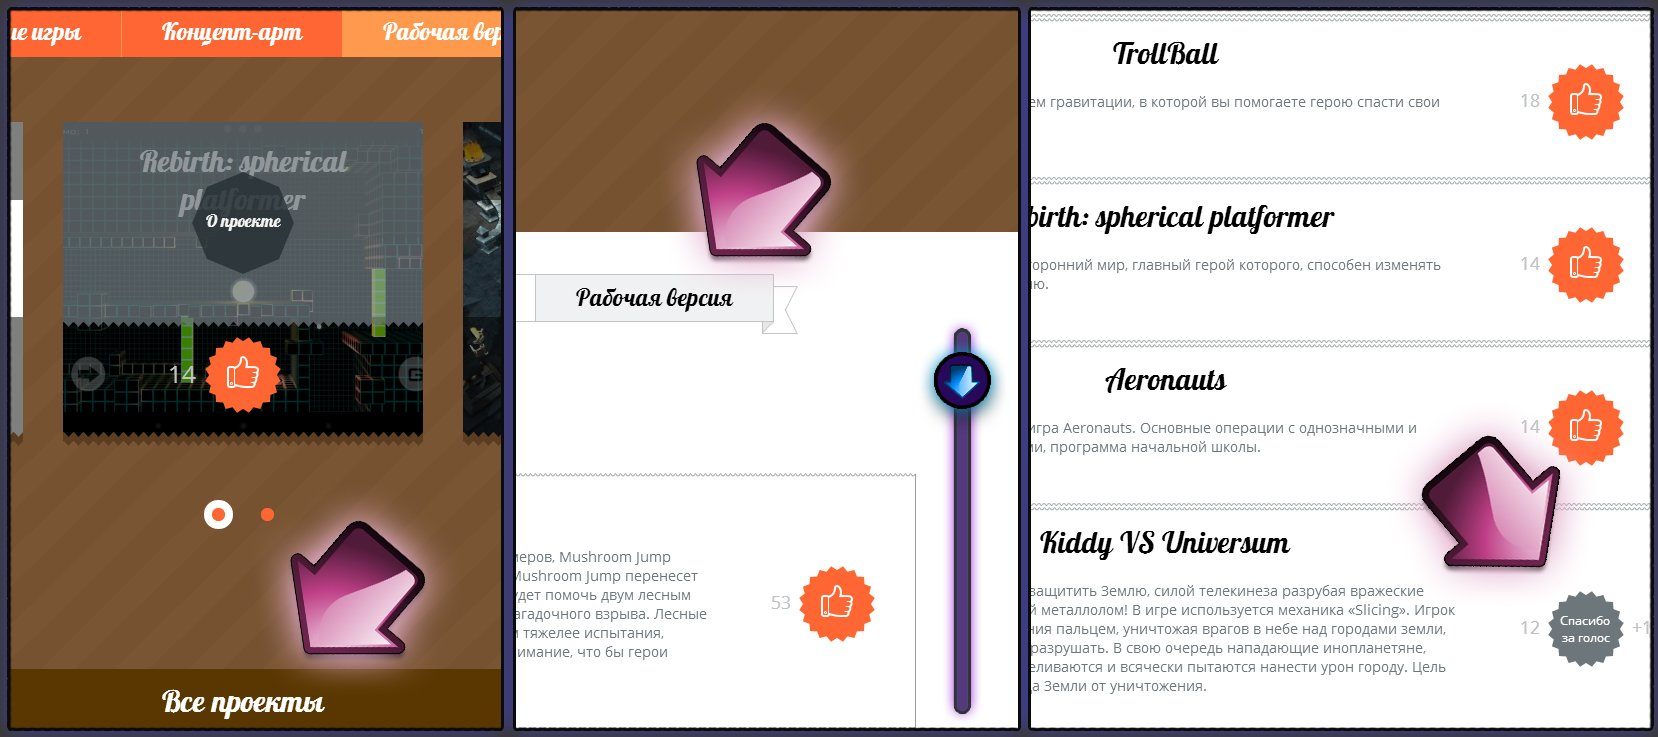 Небольшая инструкция, которая поможет разобраться с системой голосования на GamesJam в 3 туре состязаний, там уже  ... - Изображение 1